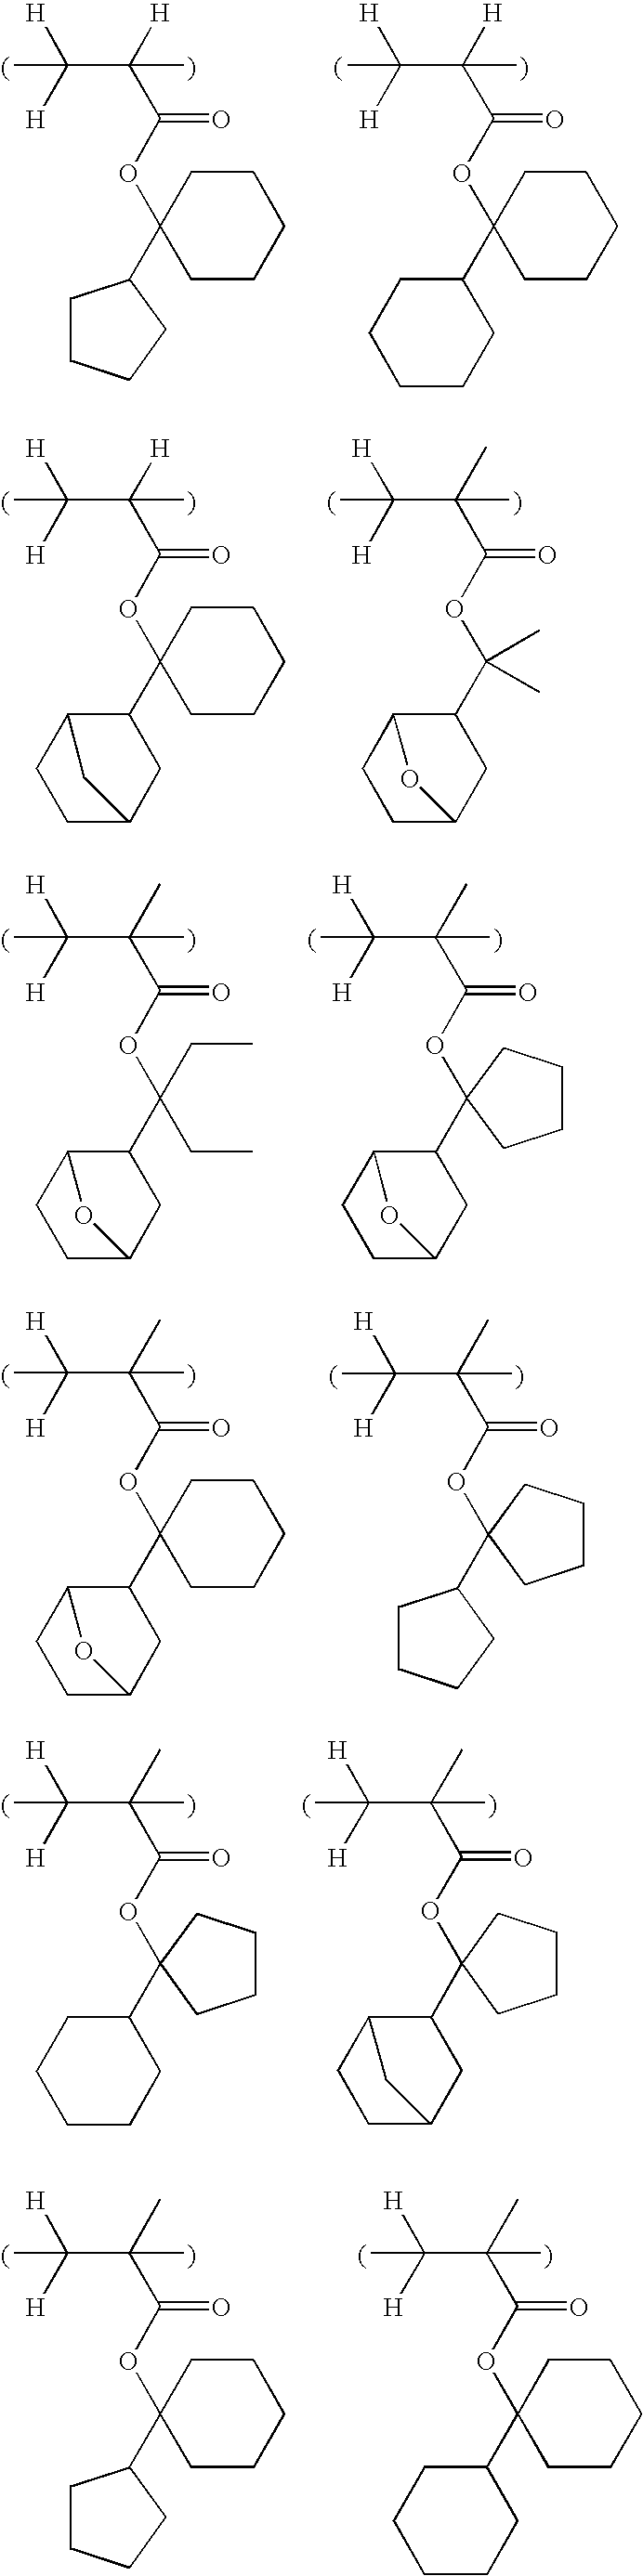 Figure US07569326-20090804-C00028